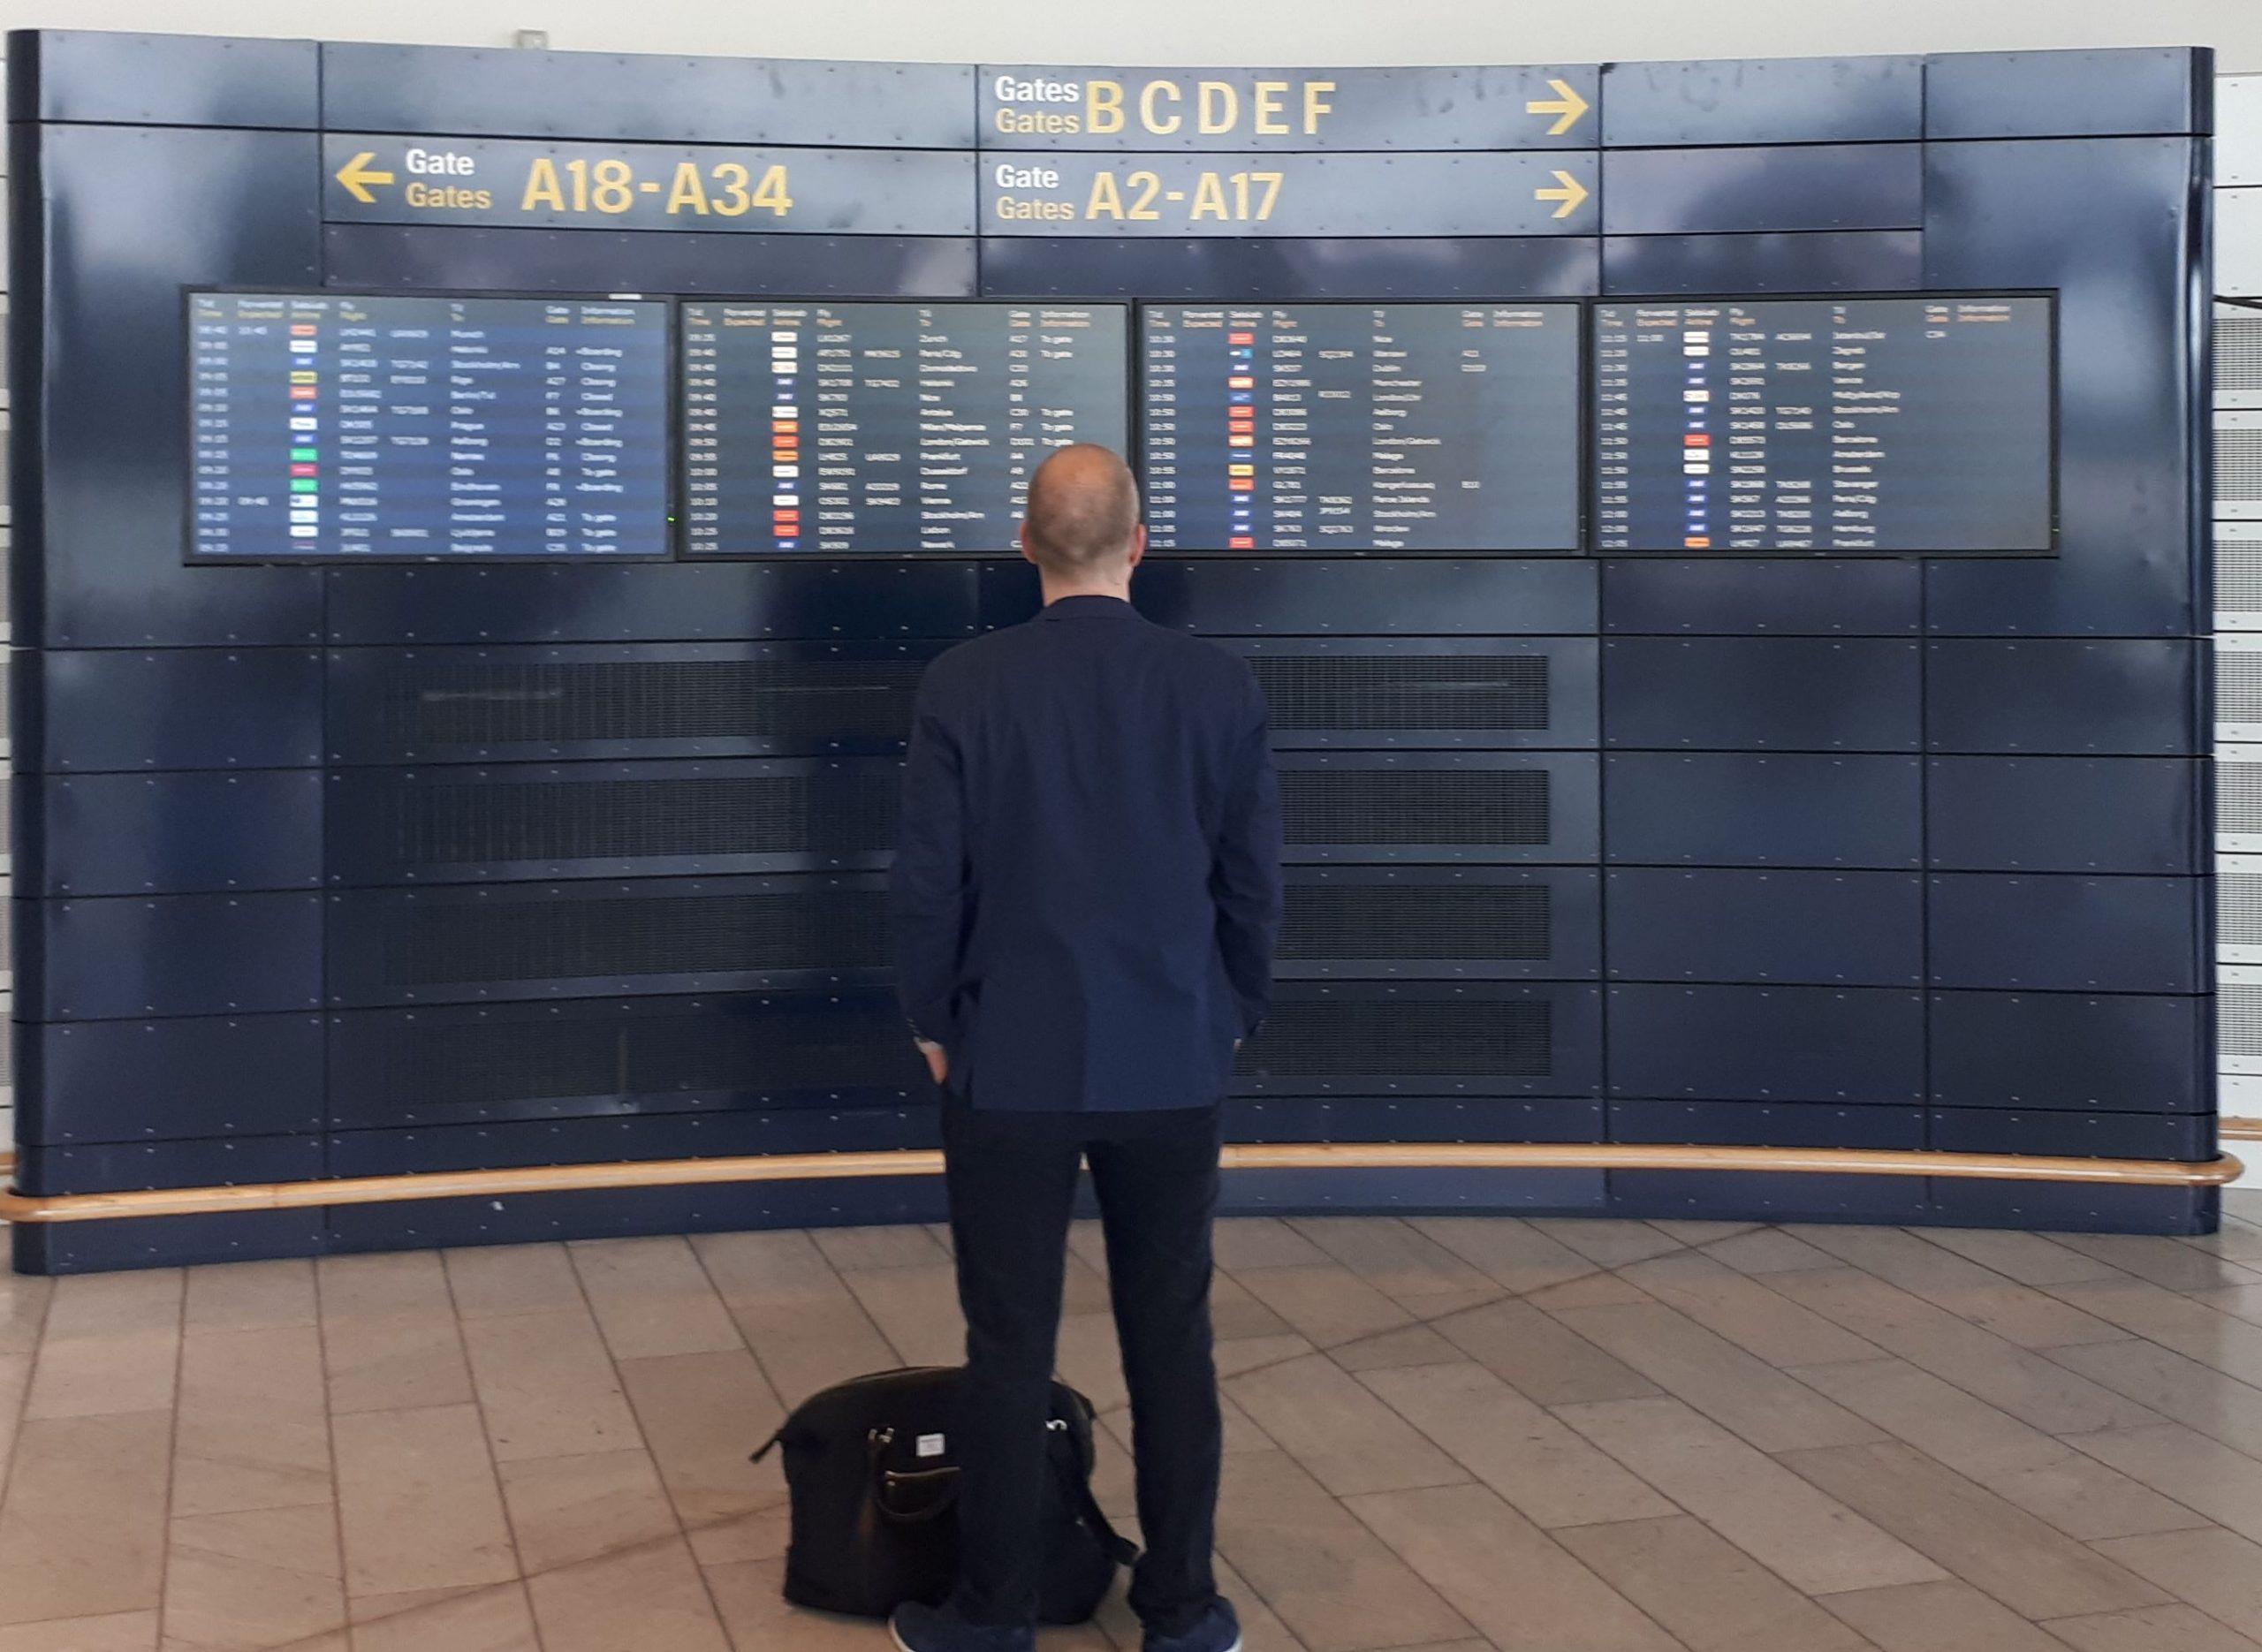 Edreams Odigeo og Etraveli Group er blandt de rejsebookingsider, som Forbruger Europa nu advarer om. Arkivfoto: Henrik Baumgarten.